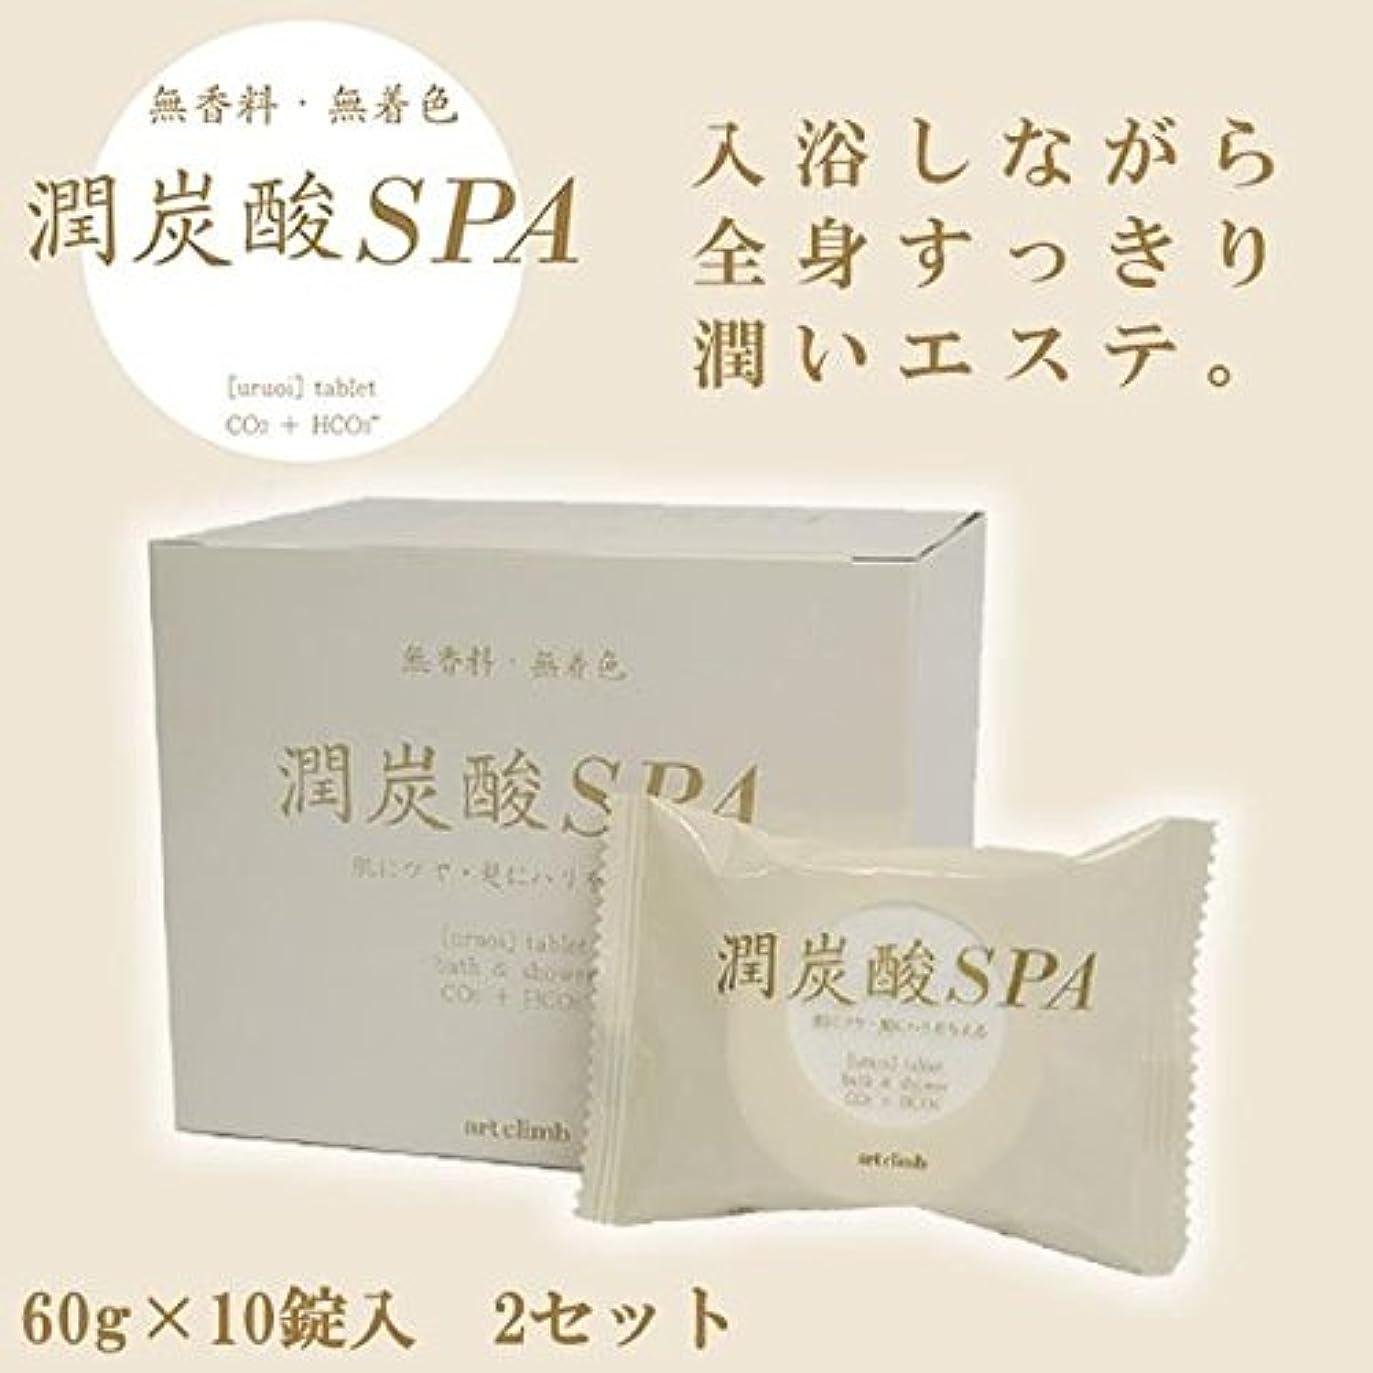 ピービッシュ咳桃潤炭酸SPA BS60g(10錠入) 2セット